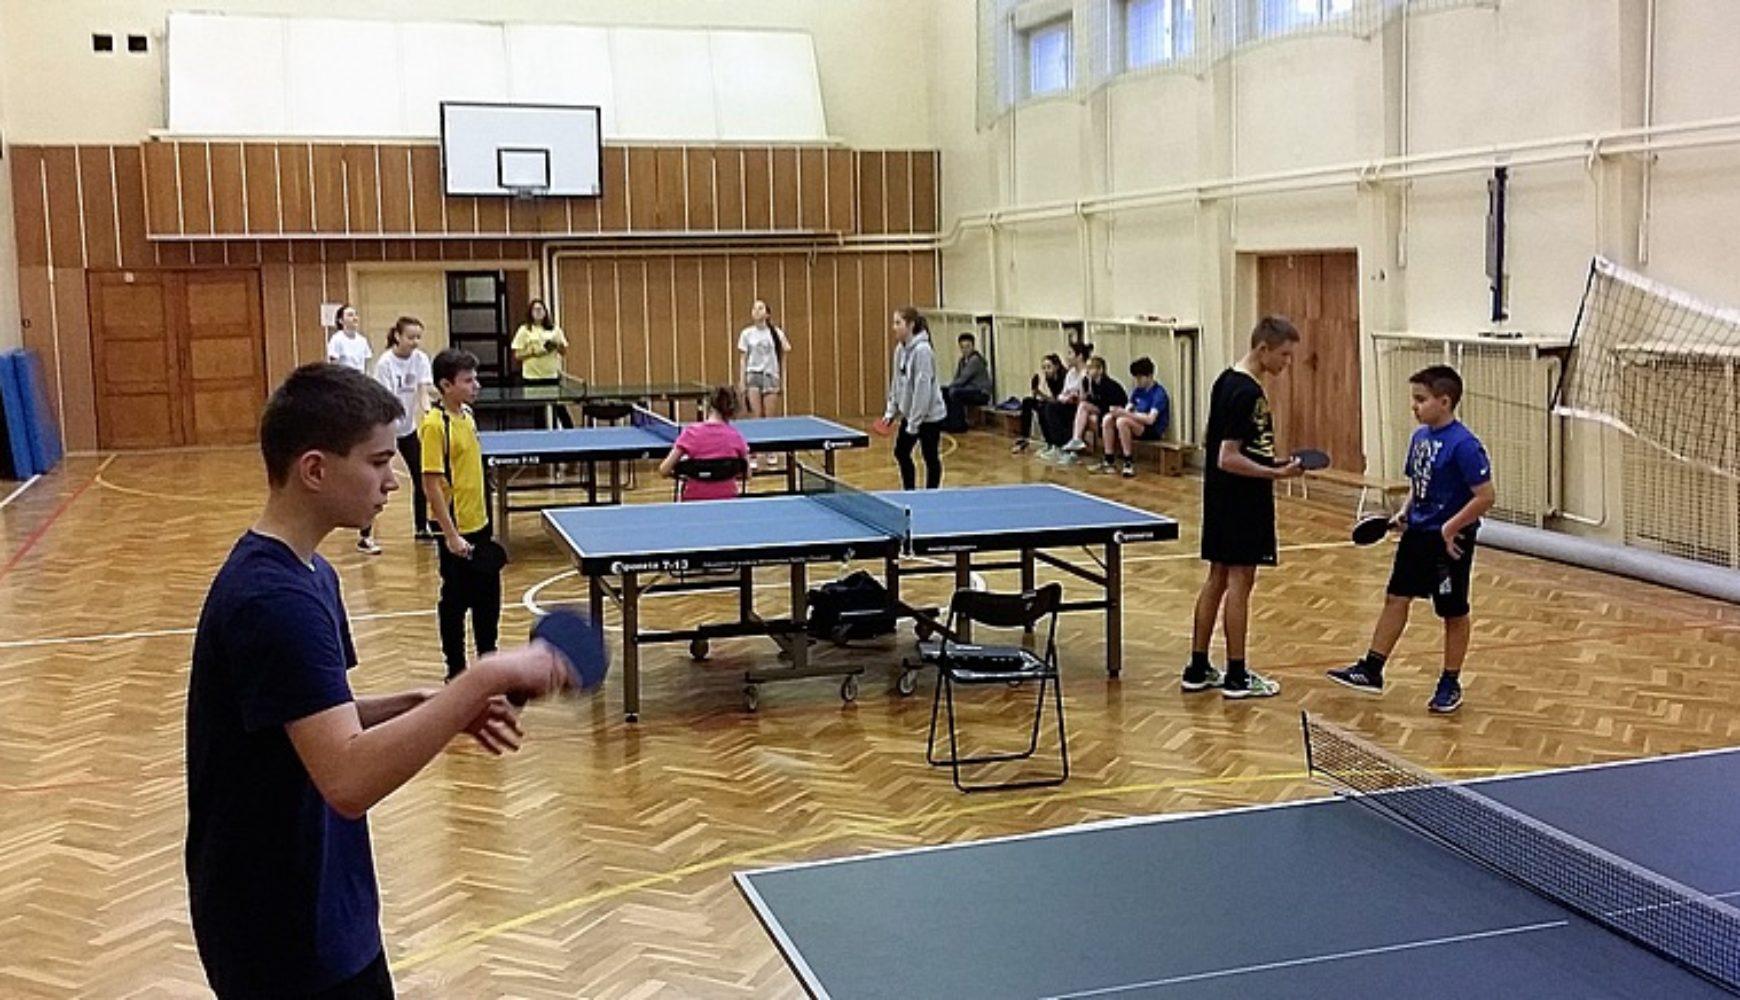 XI Turniej Tenisa Stołowego dla Szkół Gimnazjalnych